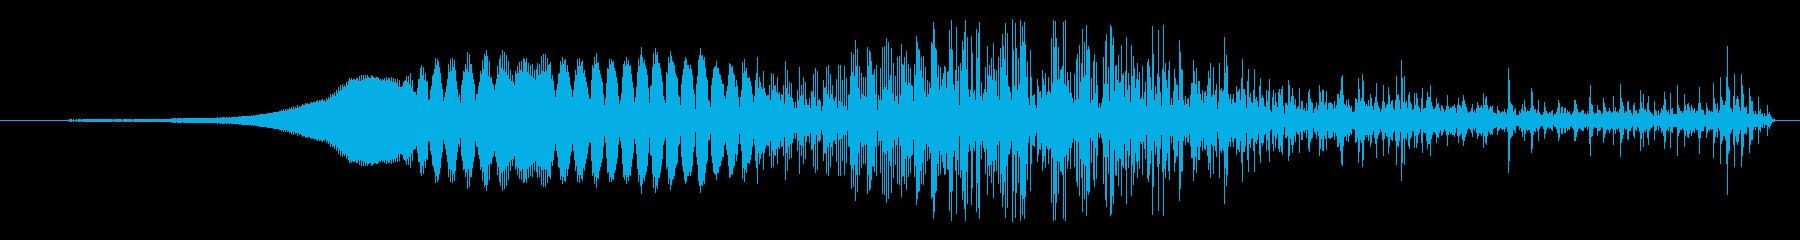 ゾンビ 人間の変化12の再生済みの波形